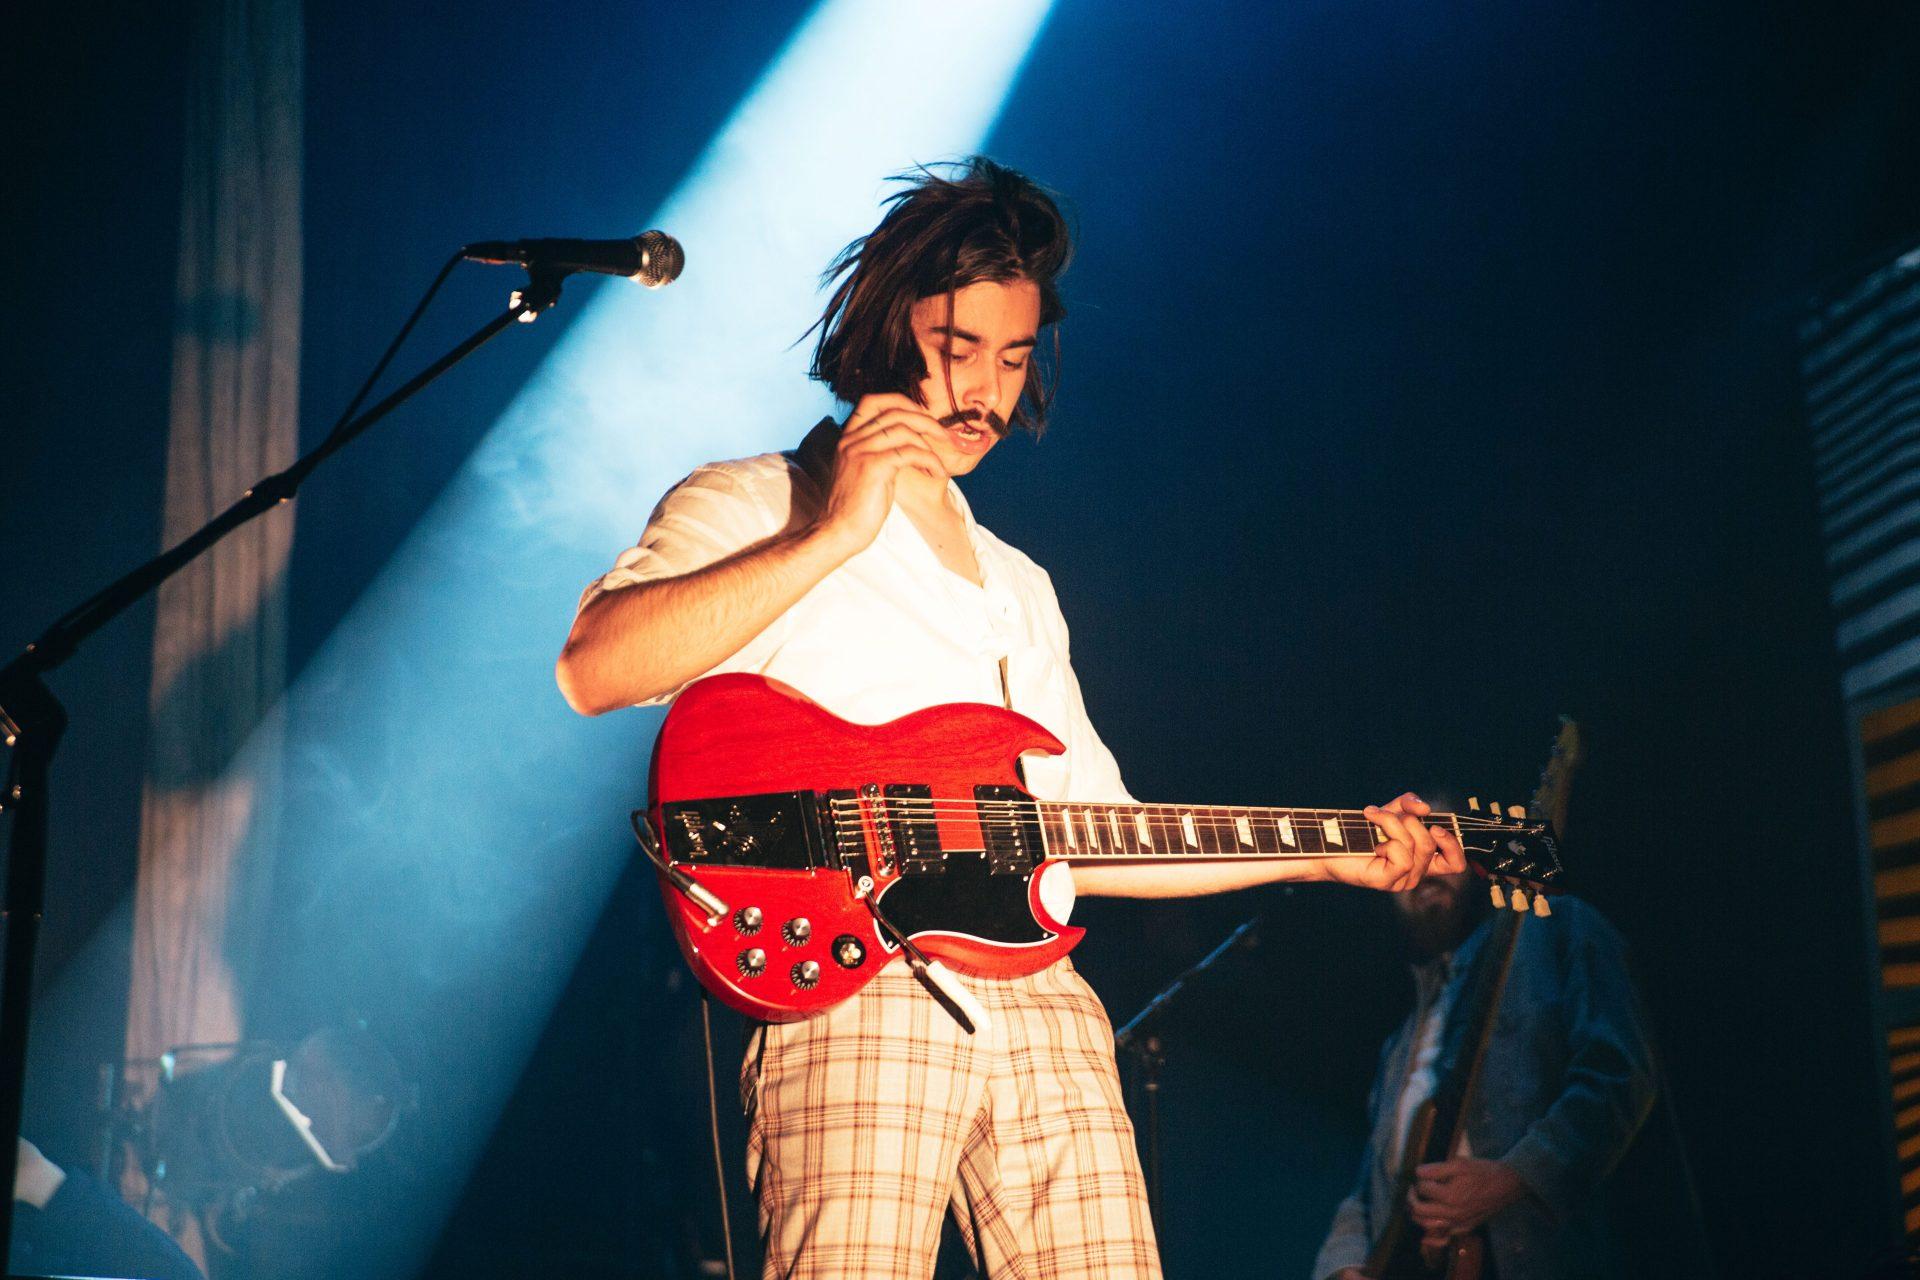 Le musicien Gab Bouchard sur scène avec sa guitare